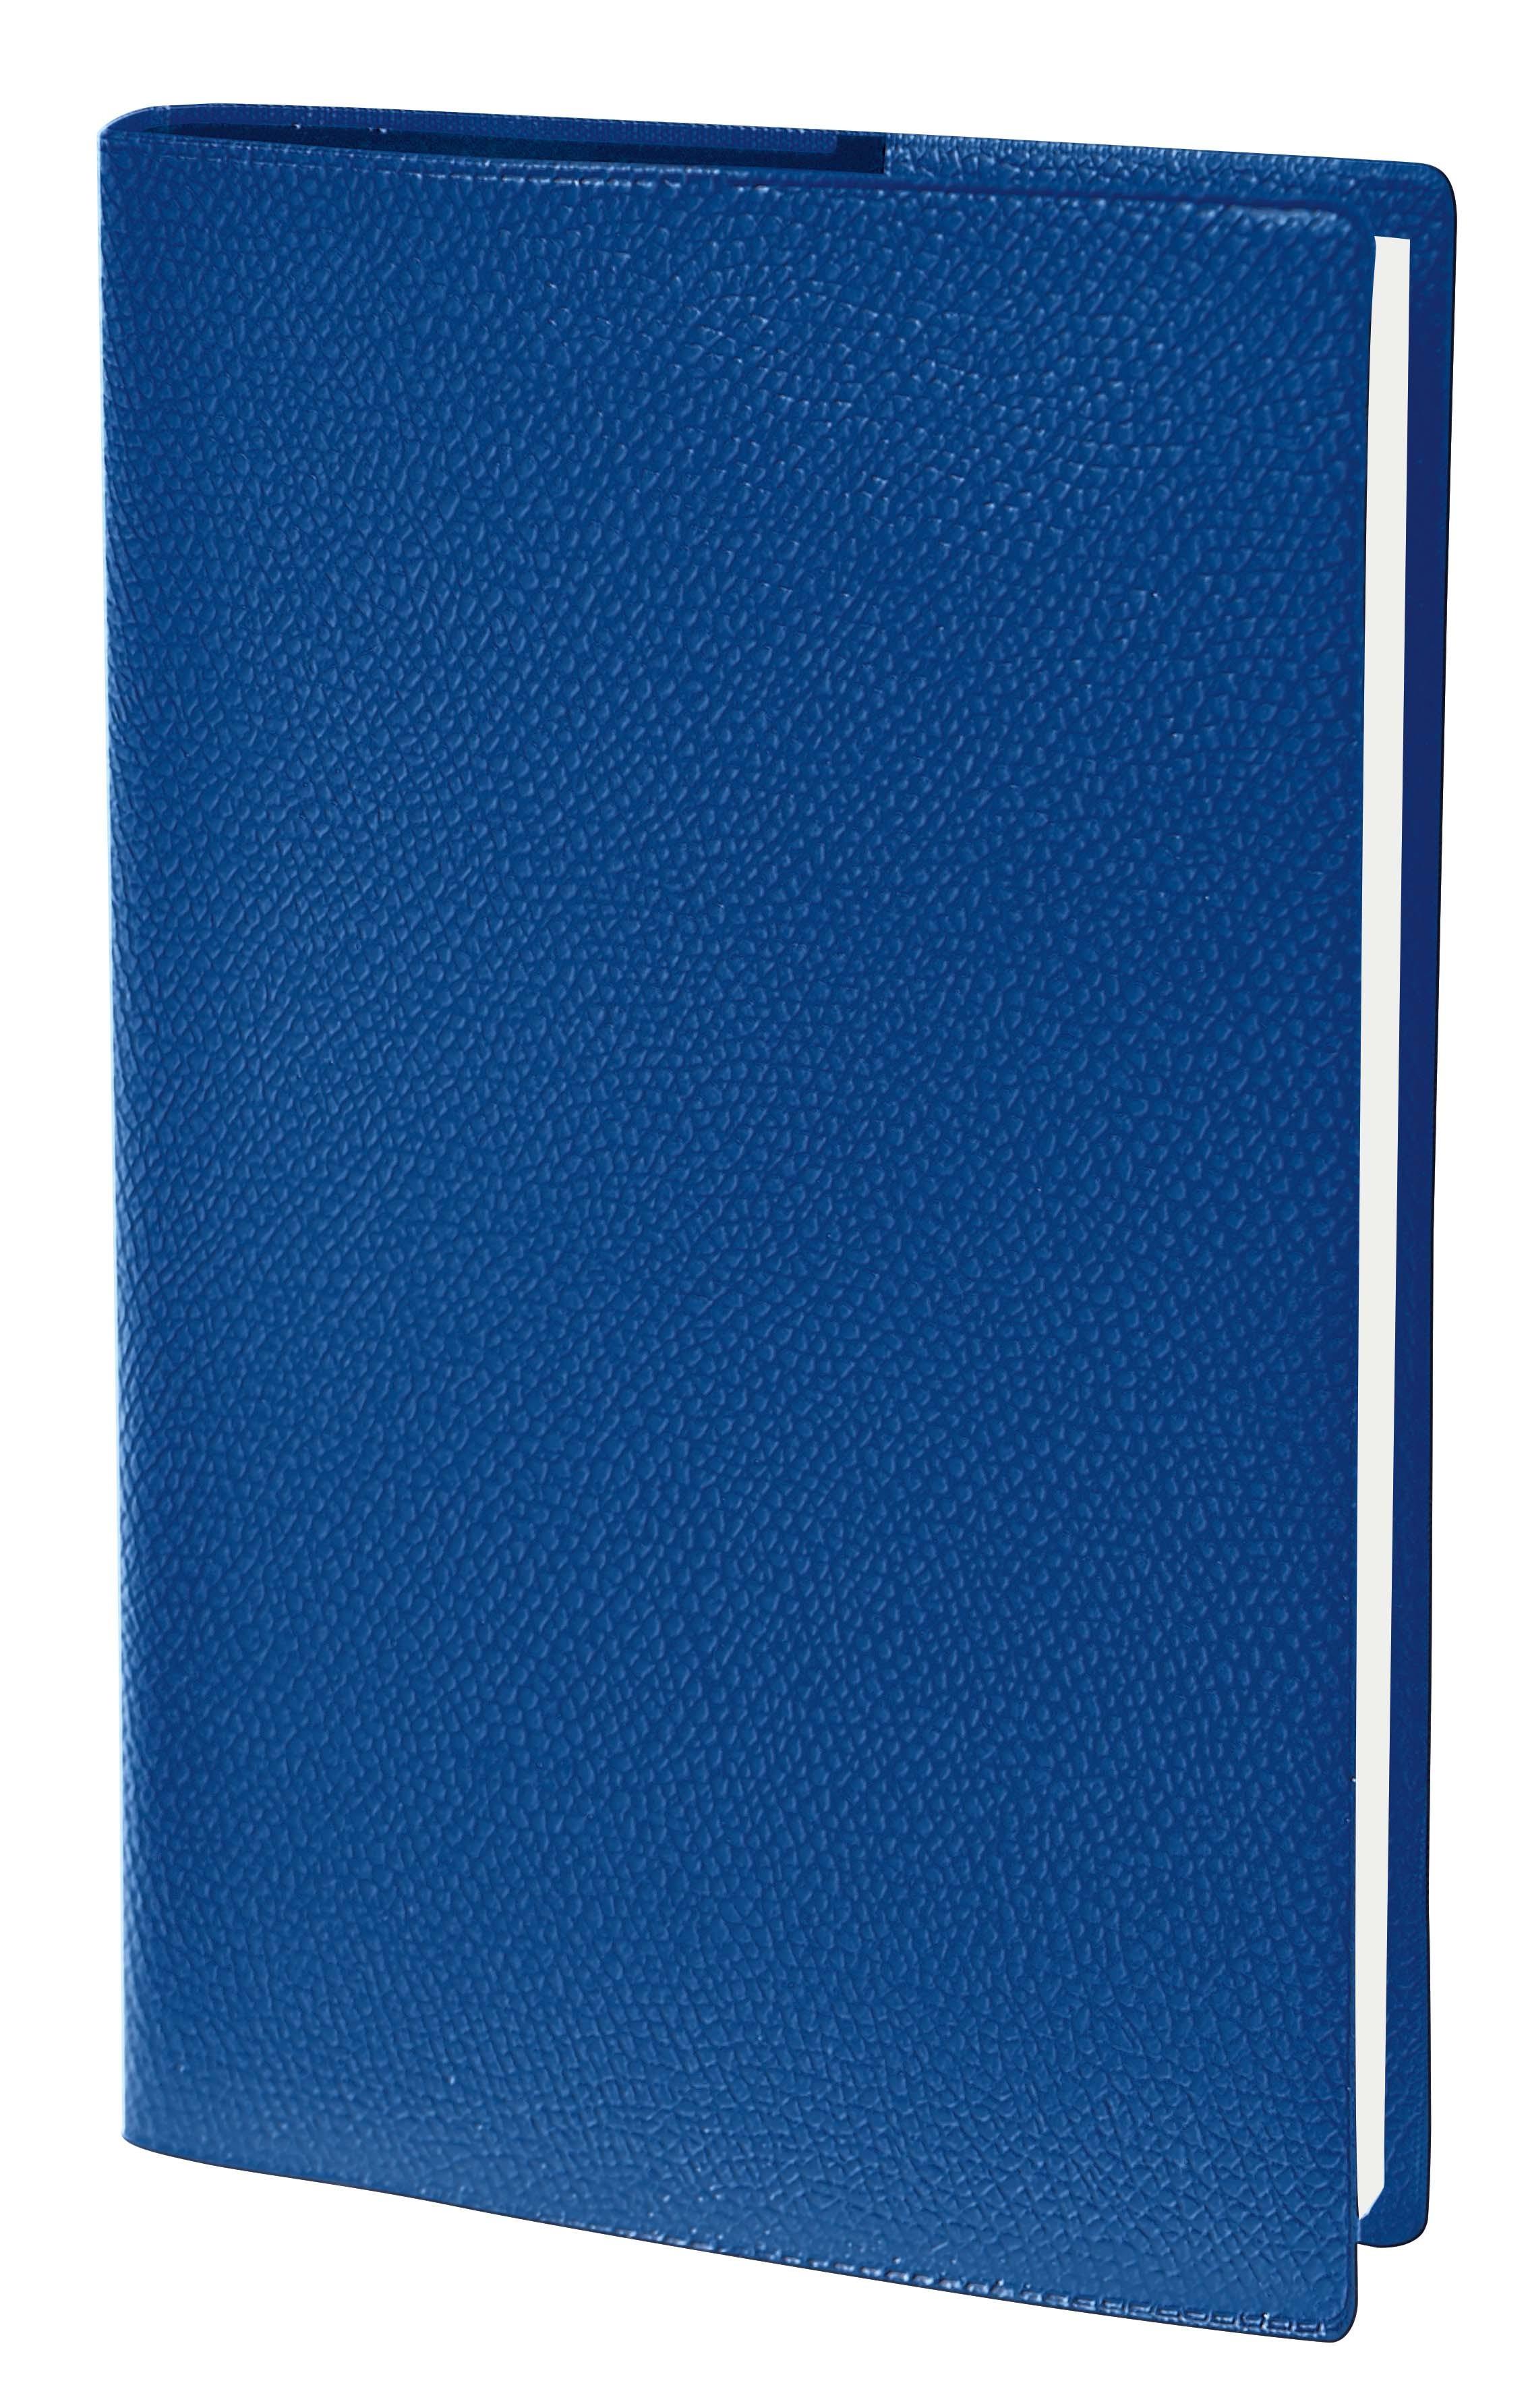 Agenda Impala Planning SD avec répertoire - 1 semaine sur 2 pages - 18 x 24 cm - disponible dans différentes couleurs - Quo Vadis